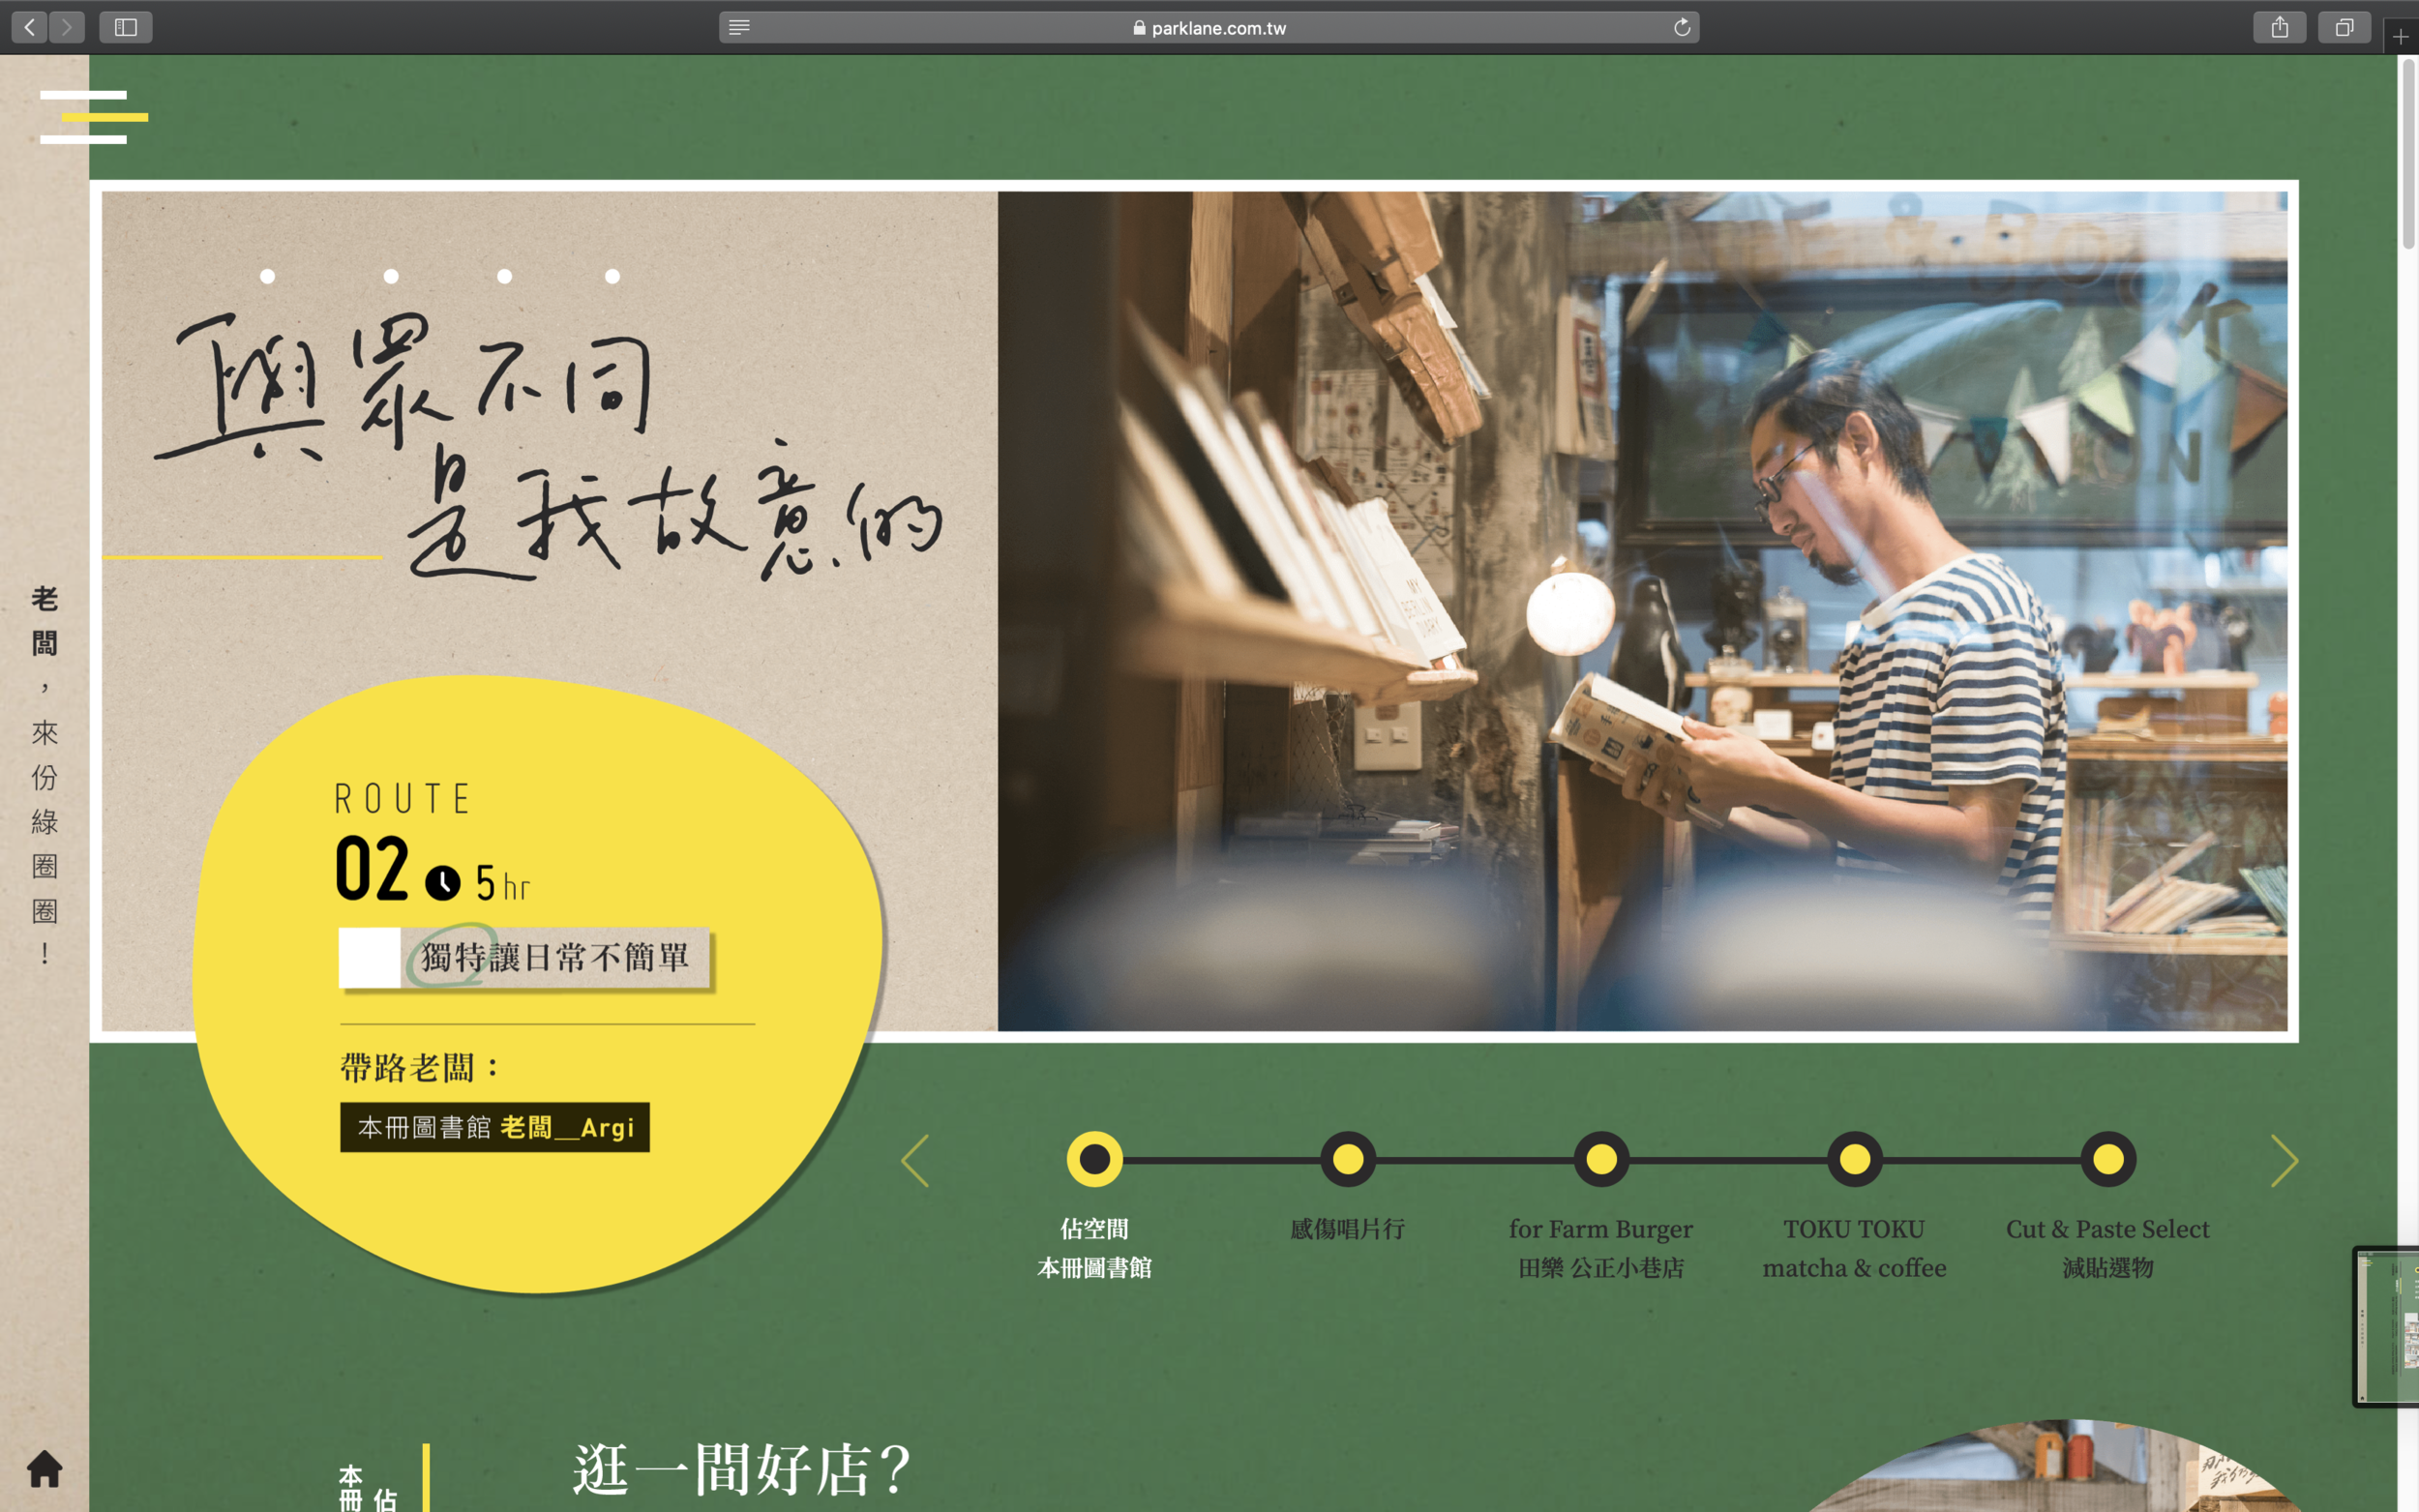 綠圈圈企劃_Web7.png